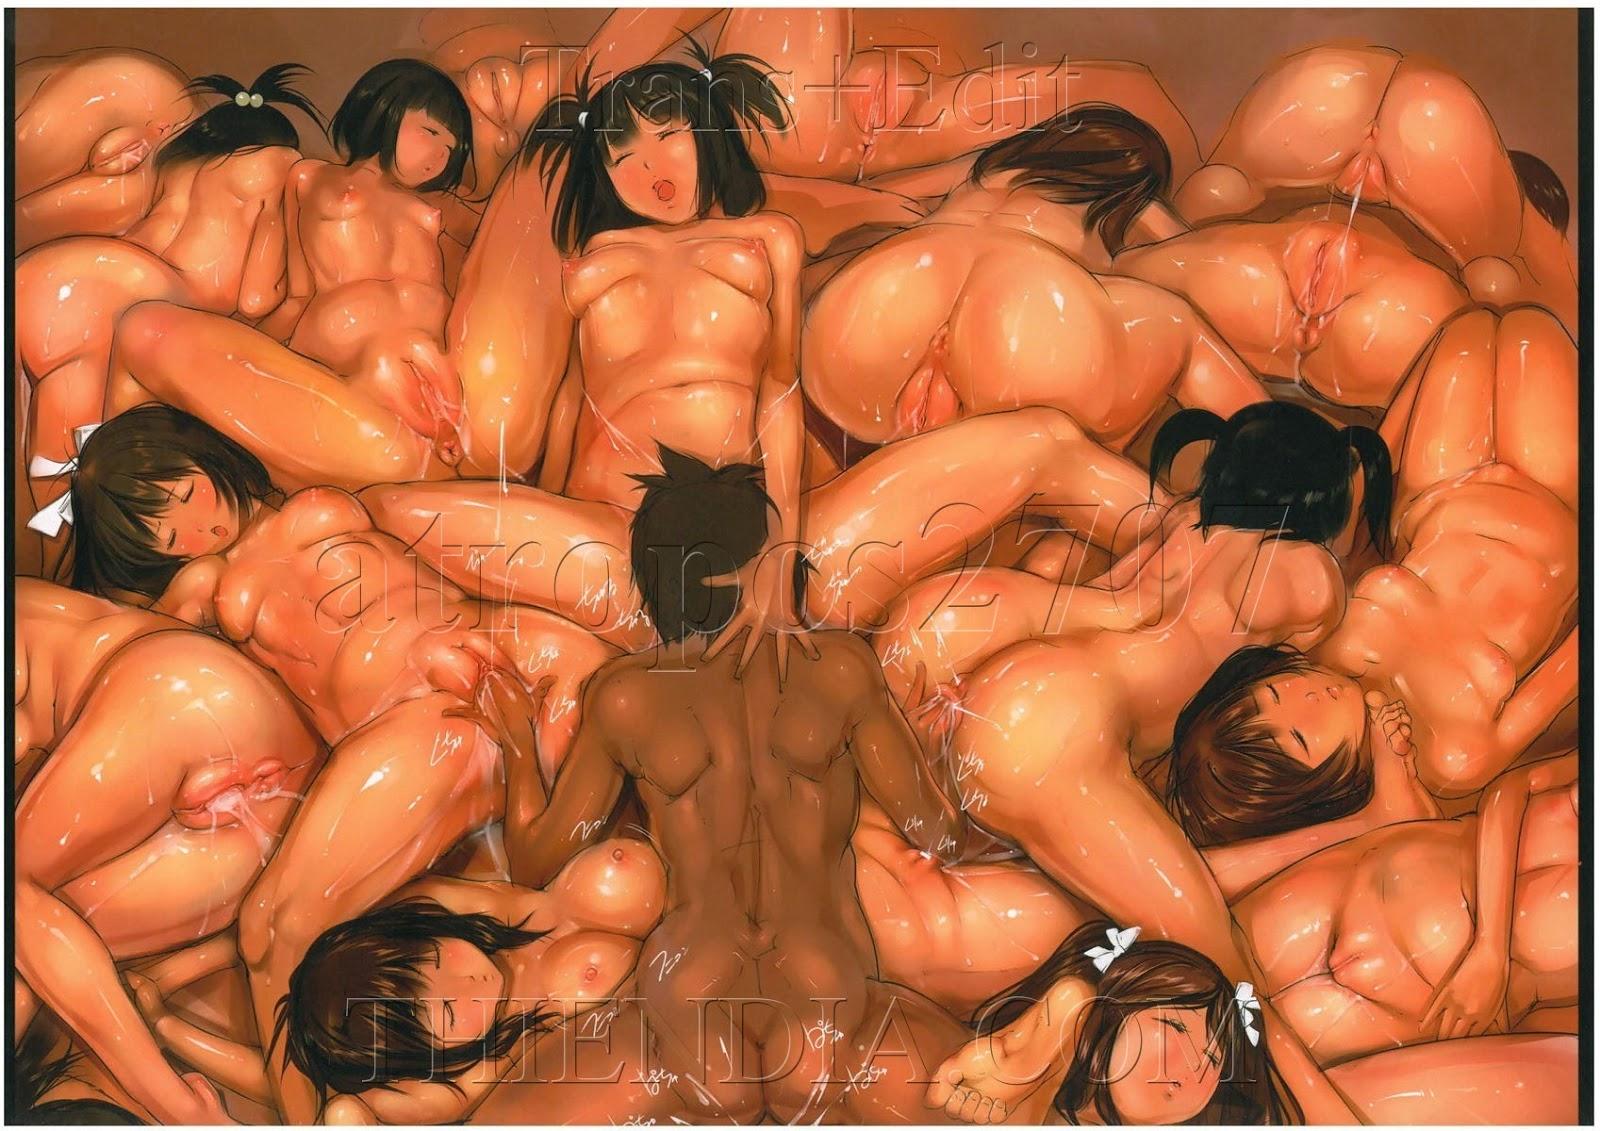 Смотреть порно мультики с кунилингусом, Смотреть нежный кунилингус порно видео 2 фотография